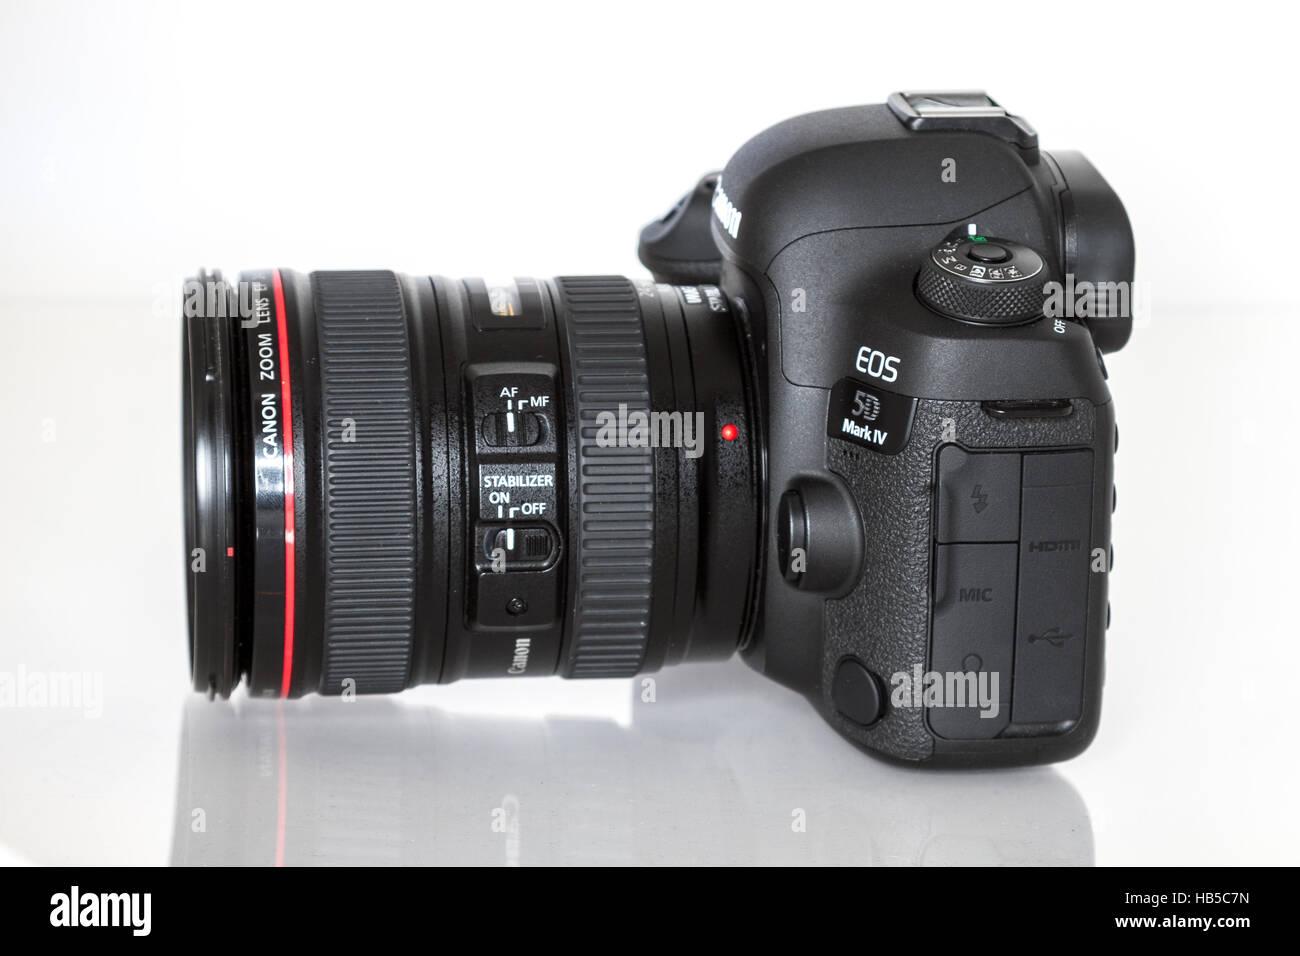 Viewfinder Frame Stockfotos & Viewfinder Frame Bilder - Seite 3 - Alamy